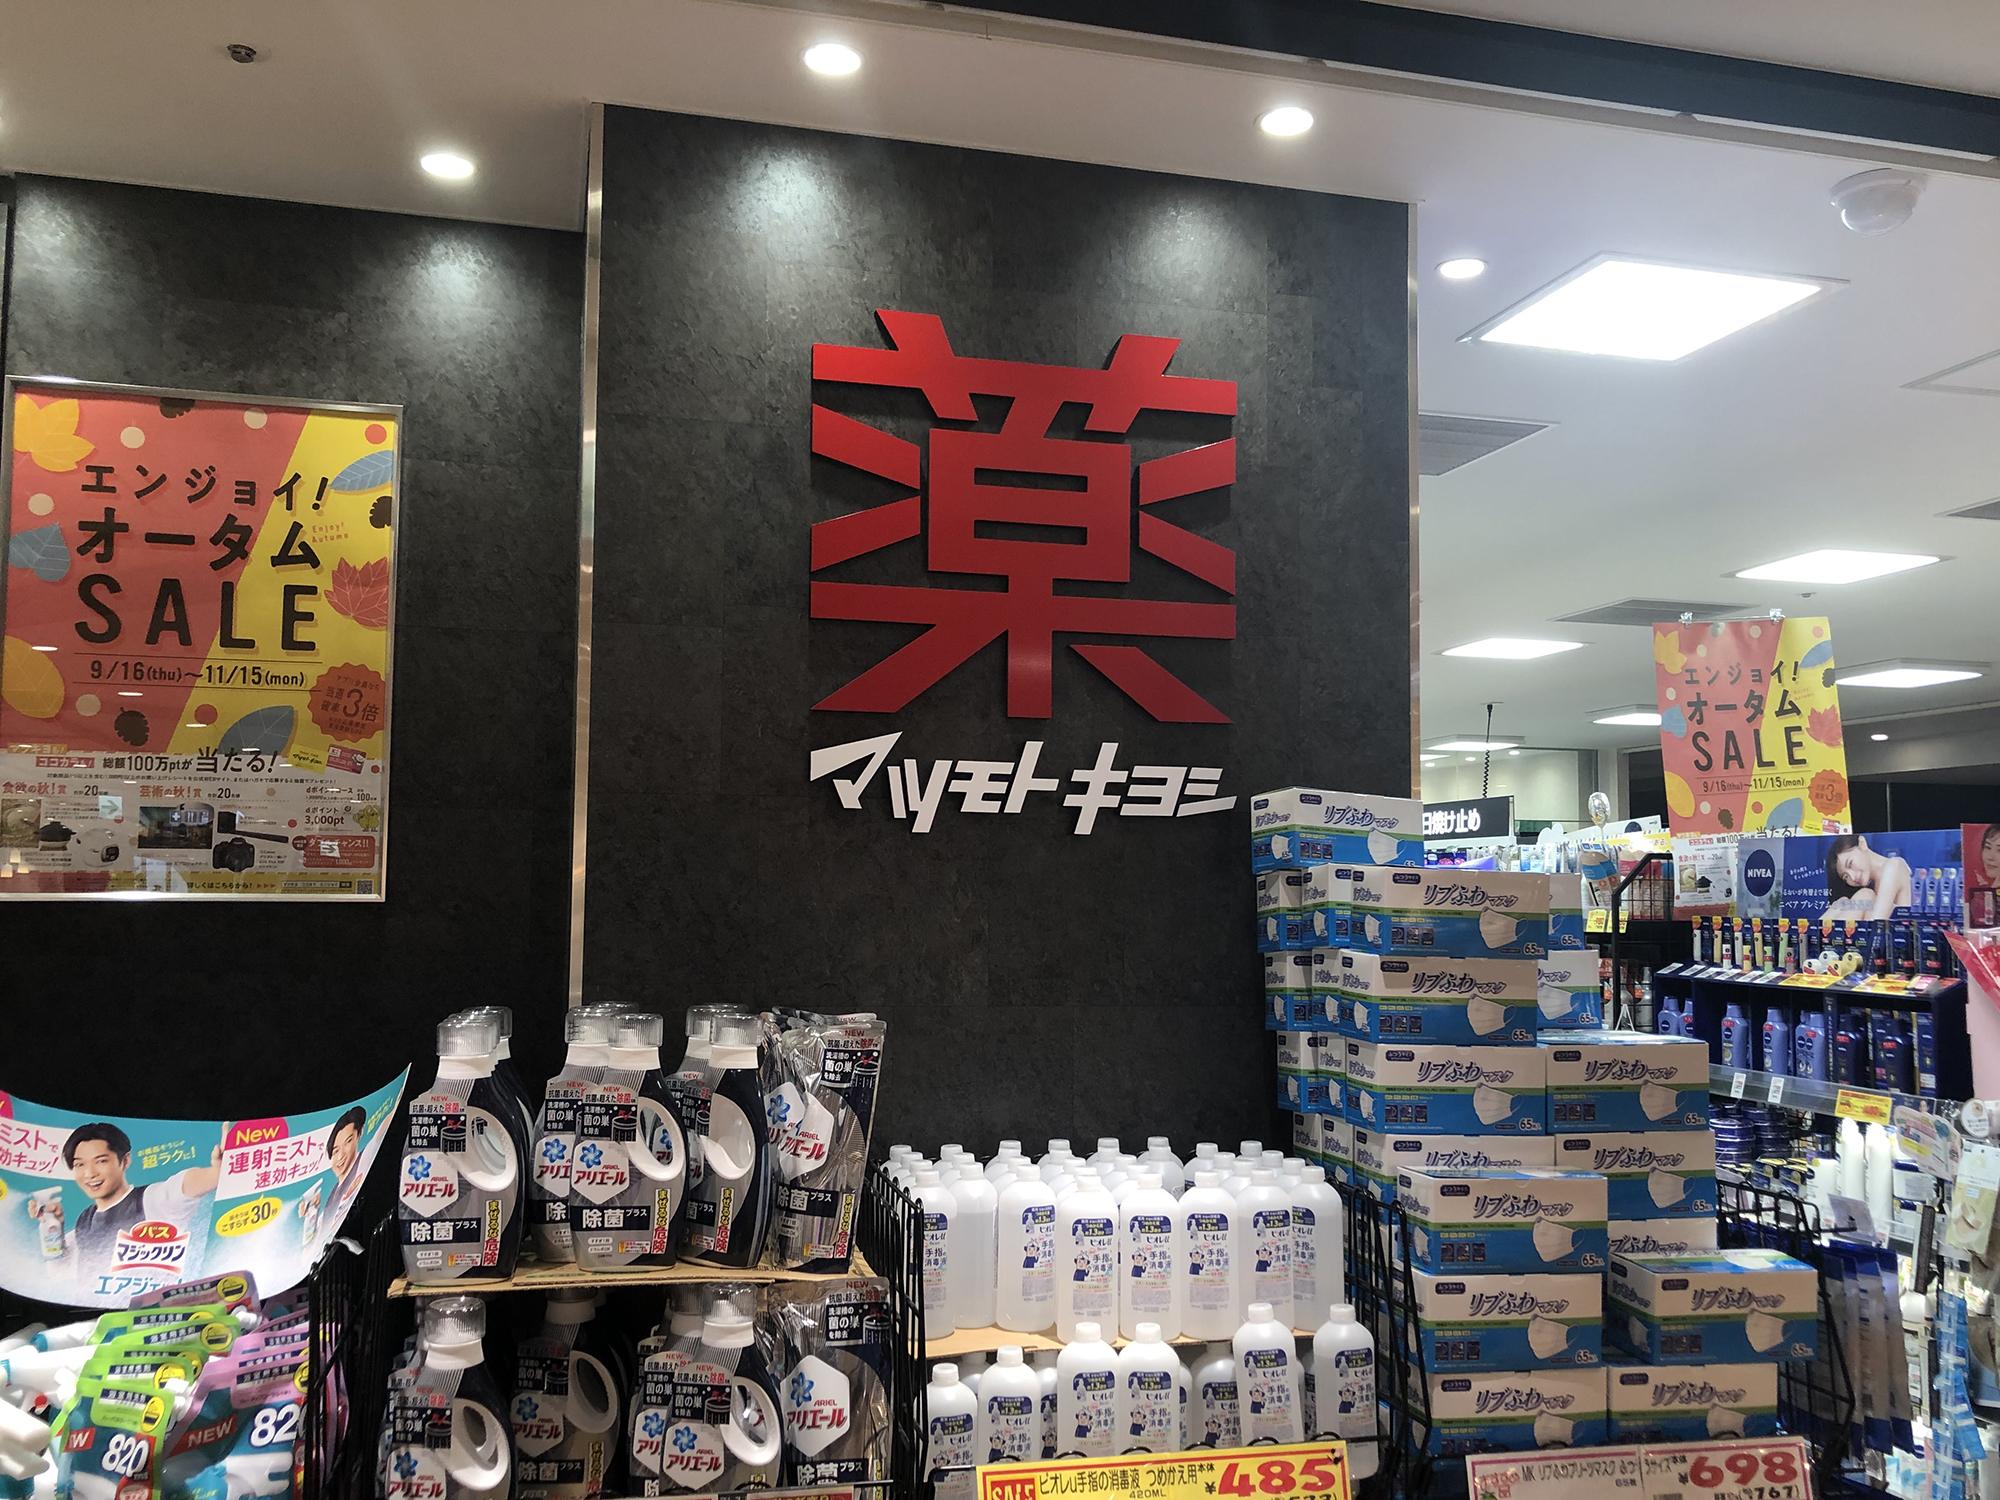 薬 マツモトキヨシ モンテメール芦屋店